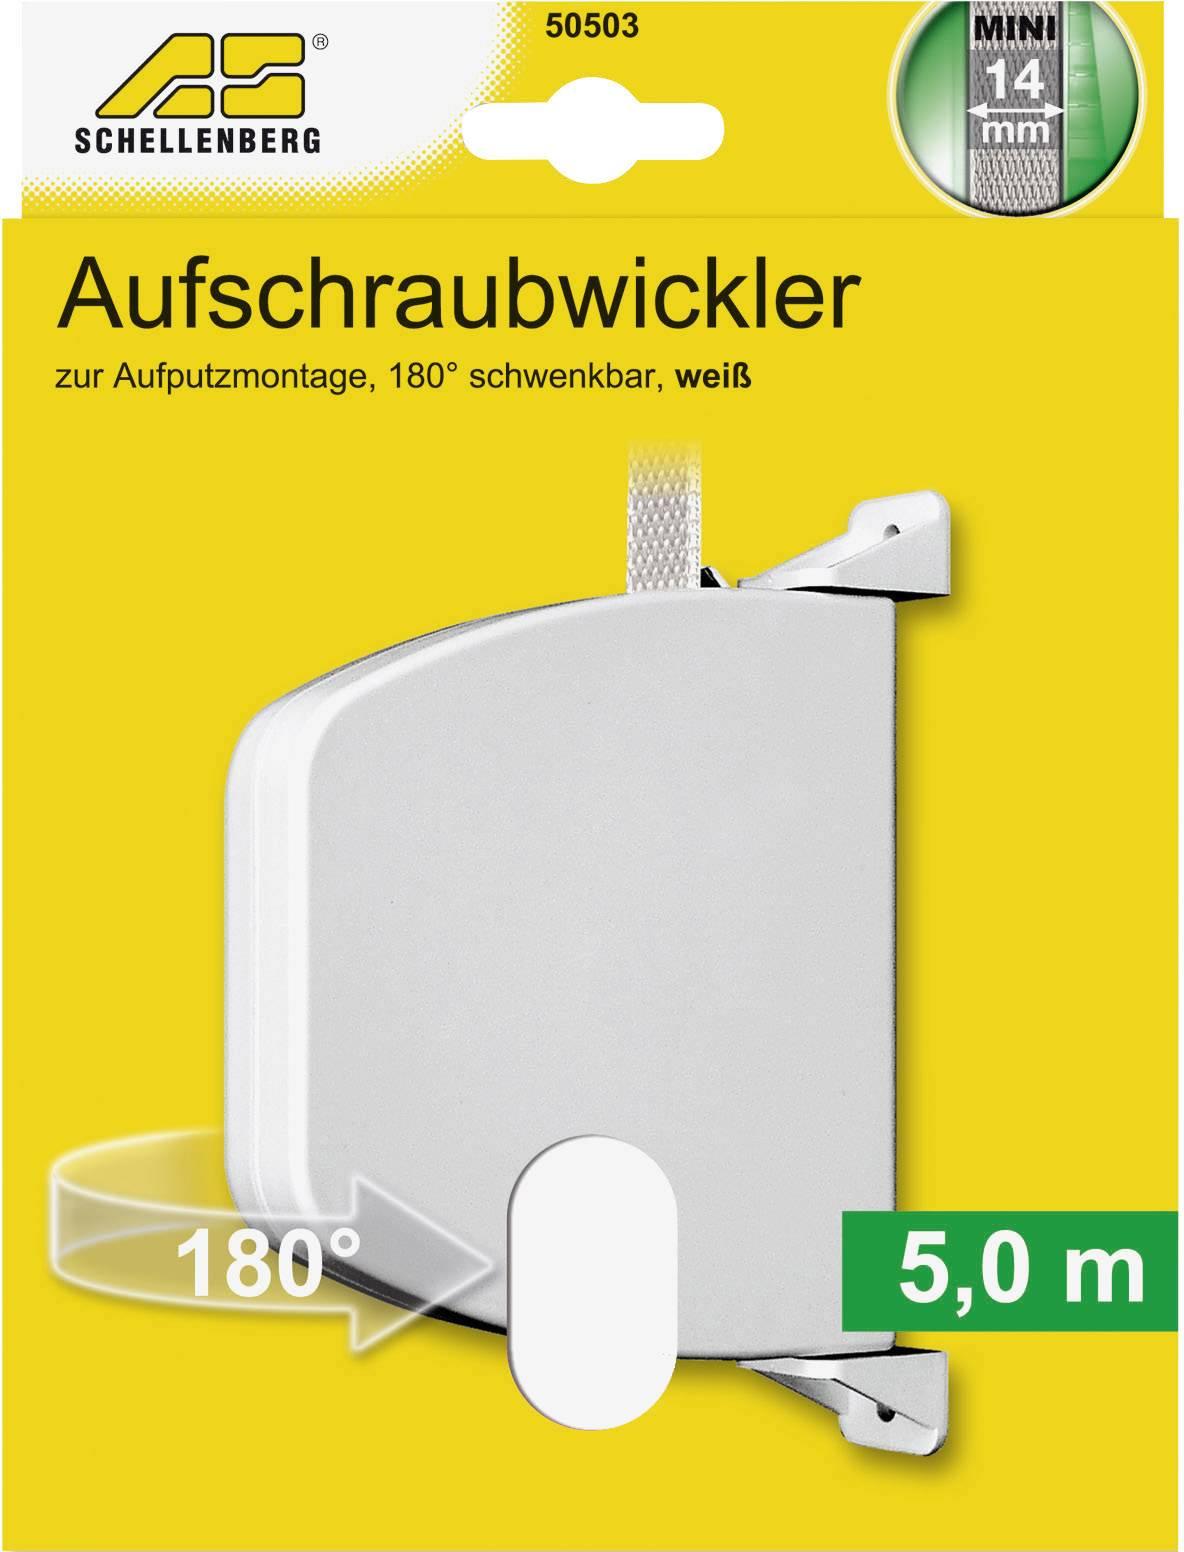 Schellenberg Mini 50503 Swivelling Screw-On Belt Winder for Roller Shutters White by Schellenberg